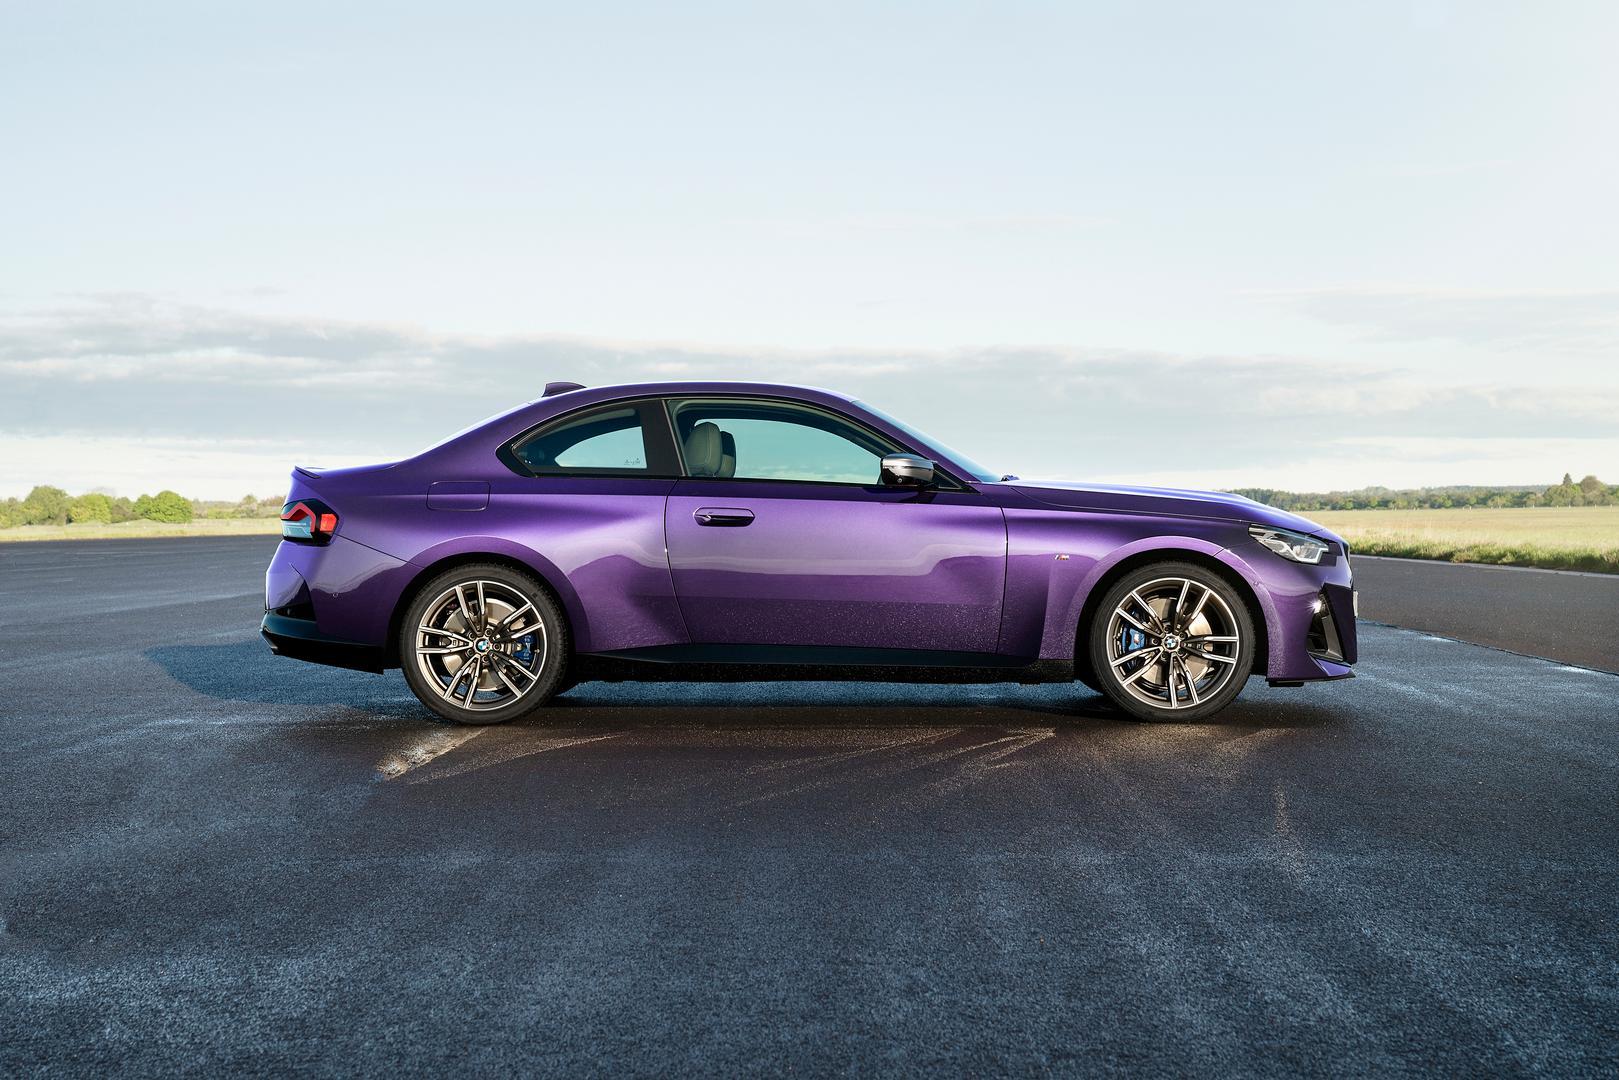 2022 BMW M240i xDrive side